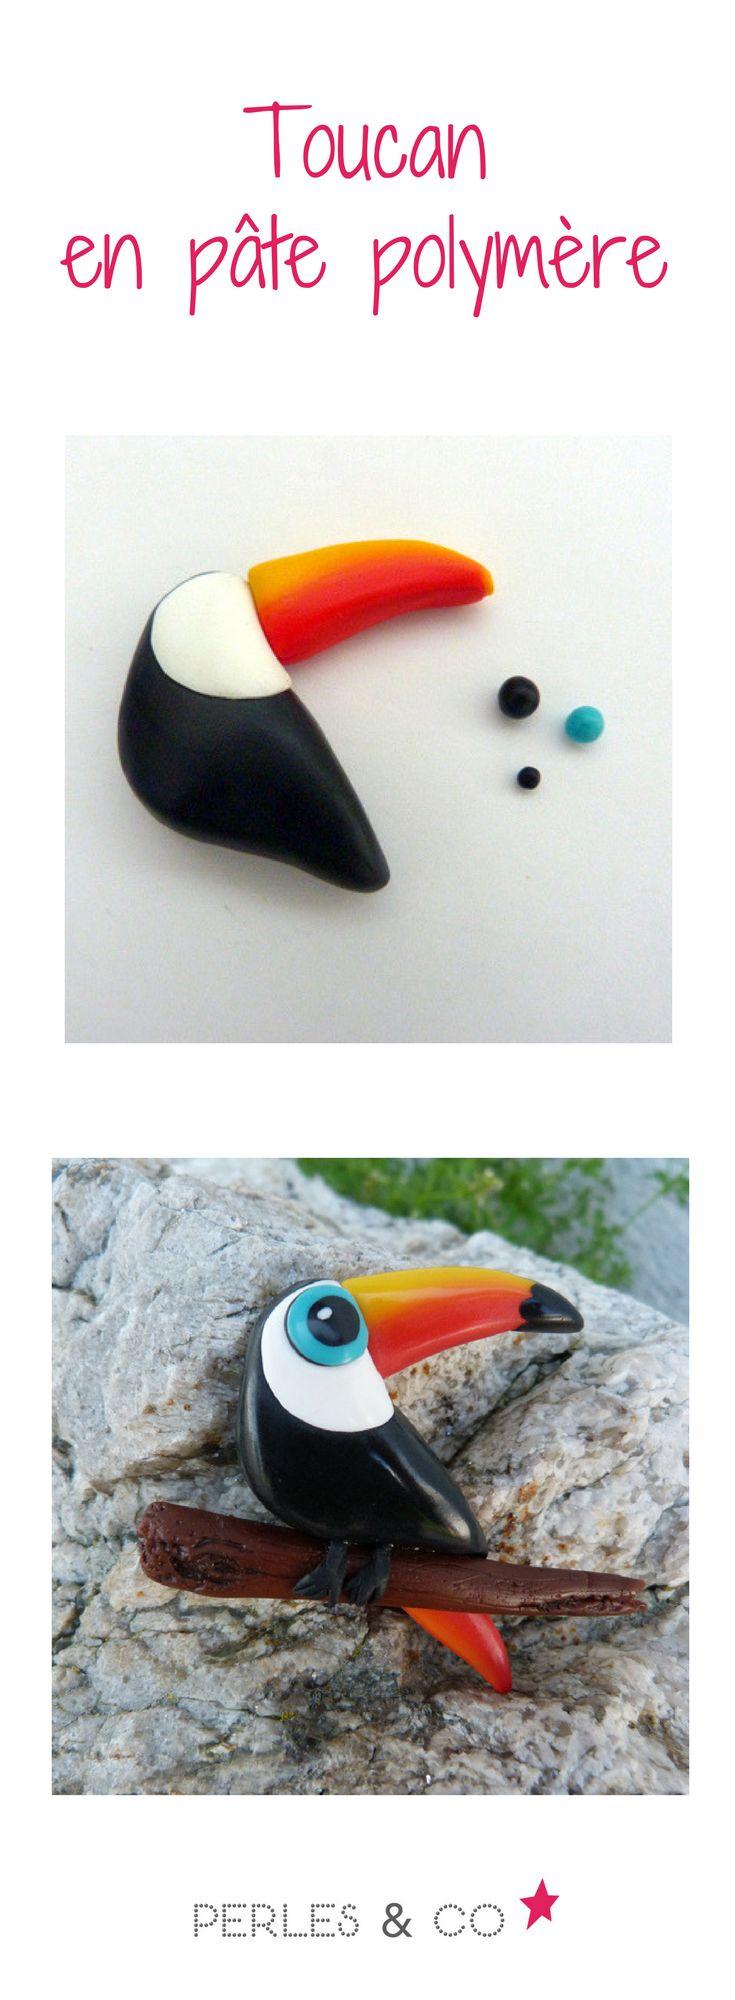 Retrouvez le tutoriel en pâte polymère pour réaliser un joli toucan. cet oiseau exotique pourra être monté en broche ou bien posé en décoration